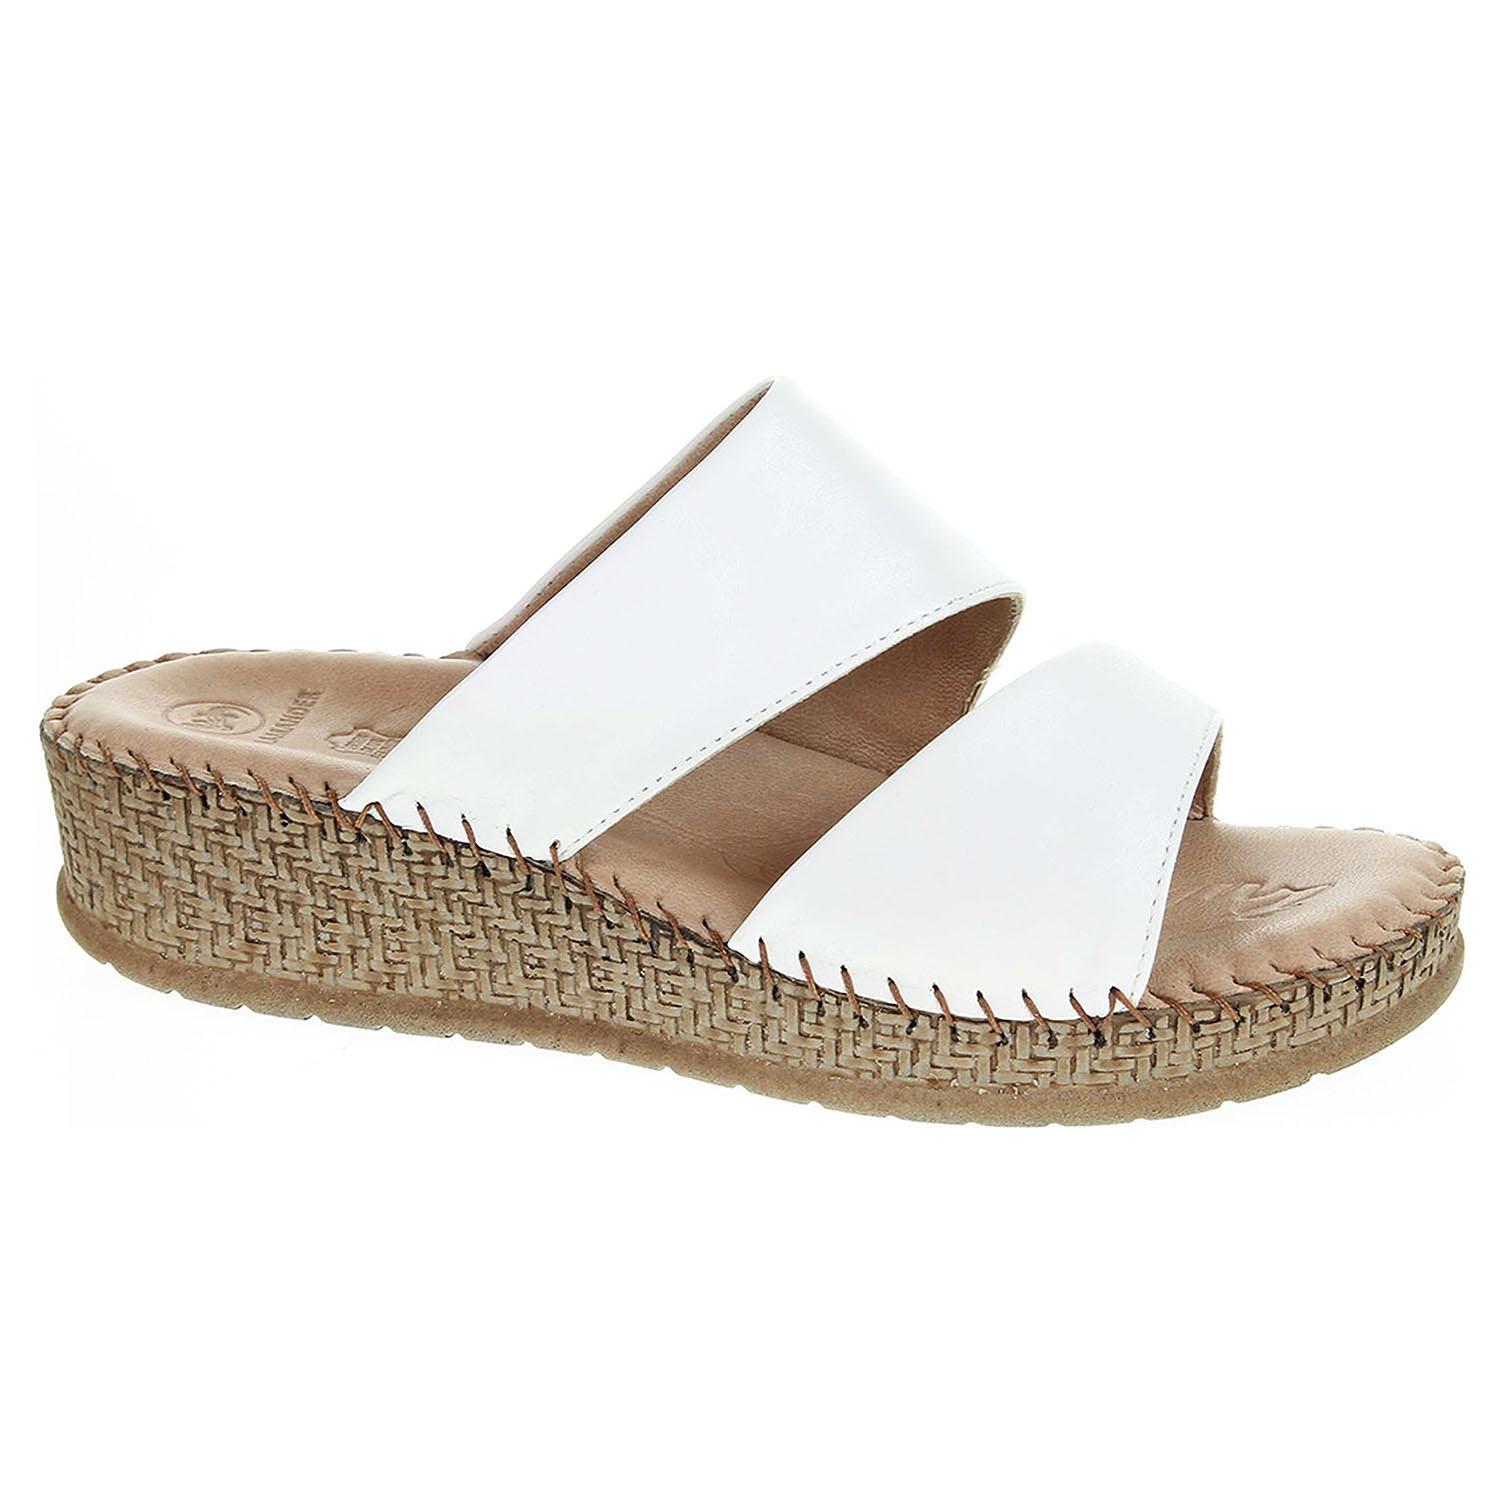 3a4a9a33766c Ecco Dámské pantofle Salamander 32-40505-40 white 23600865